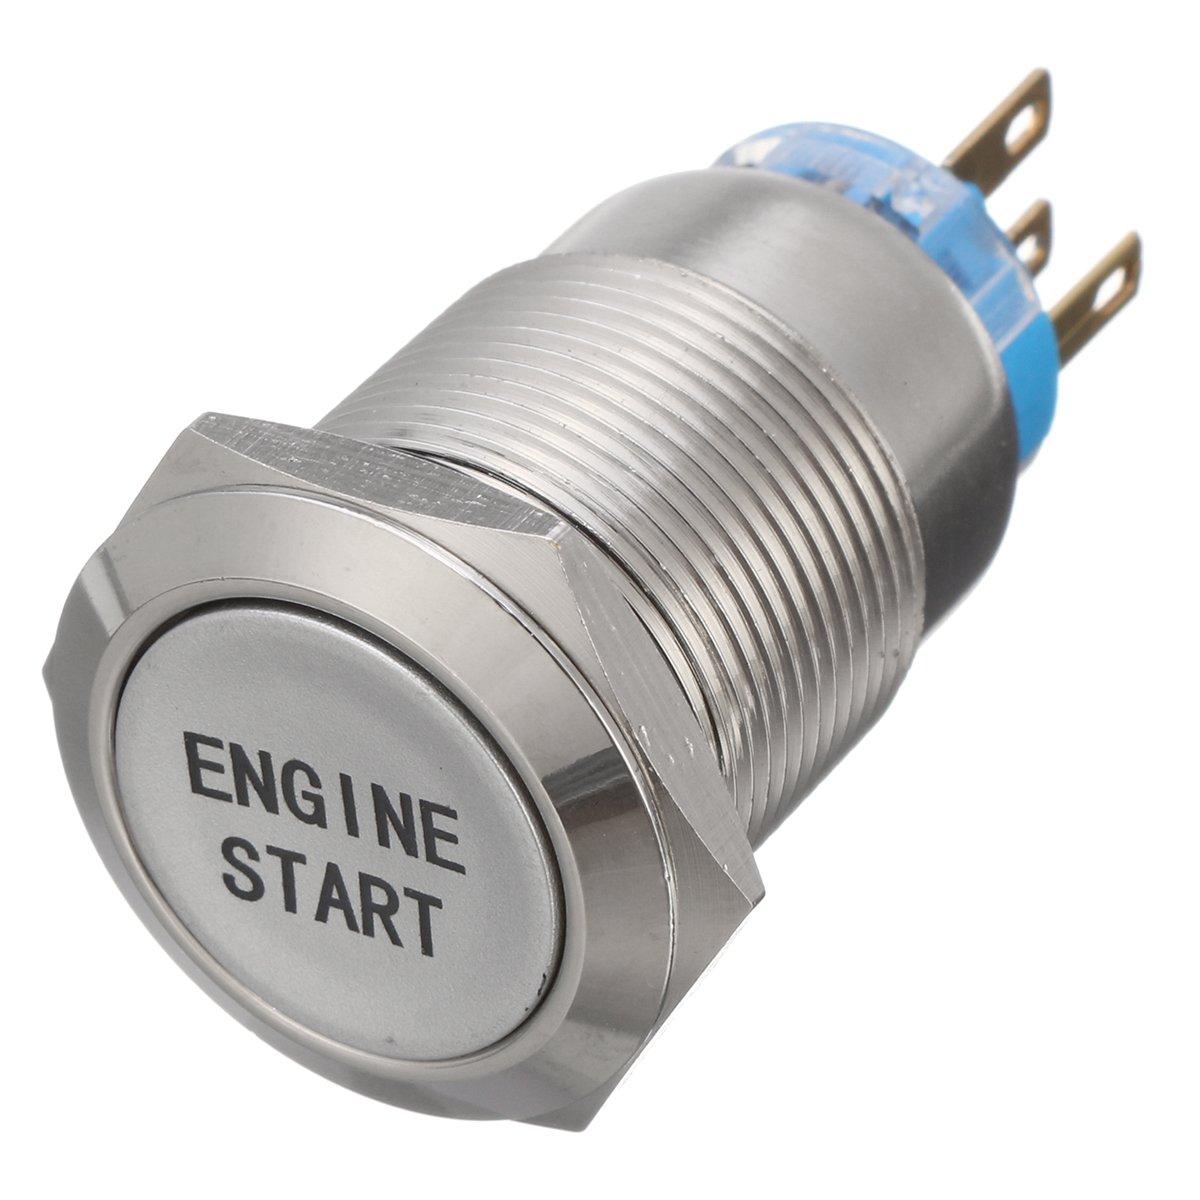 12V 19mm Kfz Auto Knopf Blaue LED-helle Engine Start Momentary Metallschalter